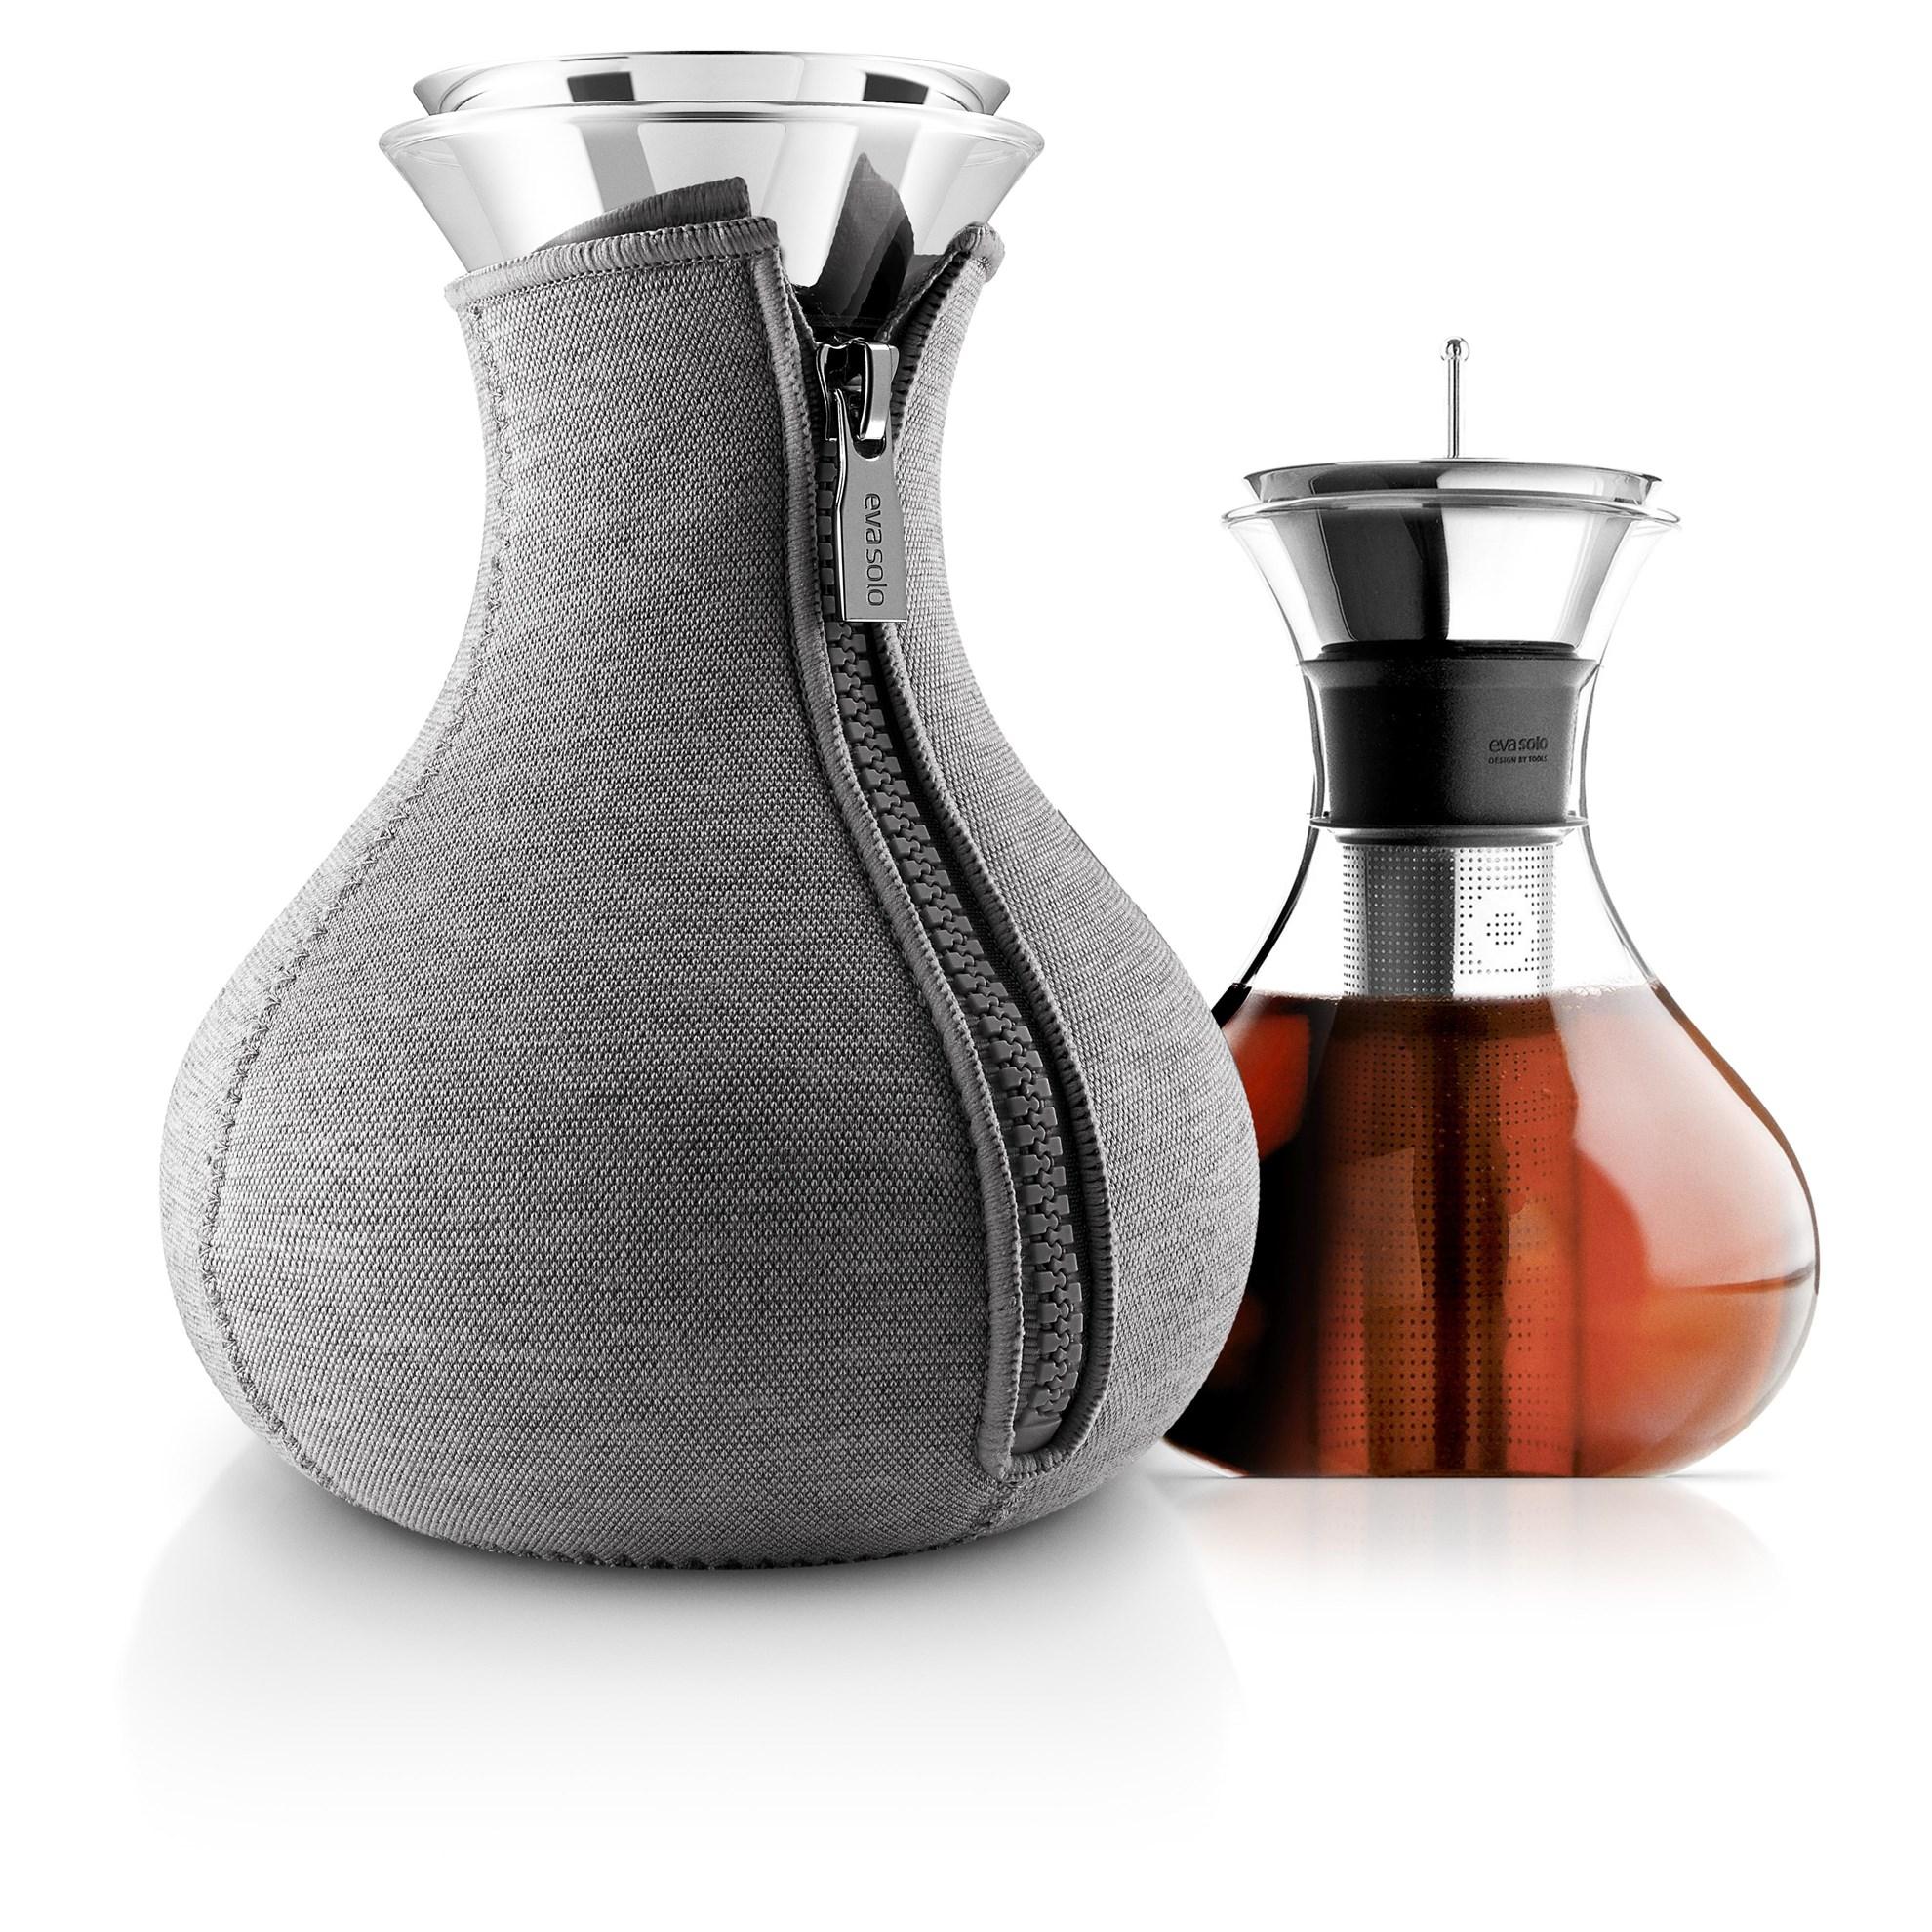 Karafa na výrobu čaje 1l s šedým potahem_2